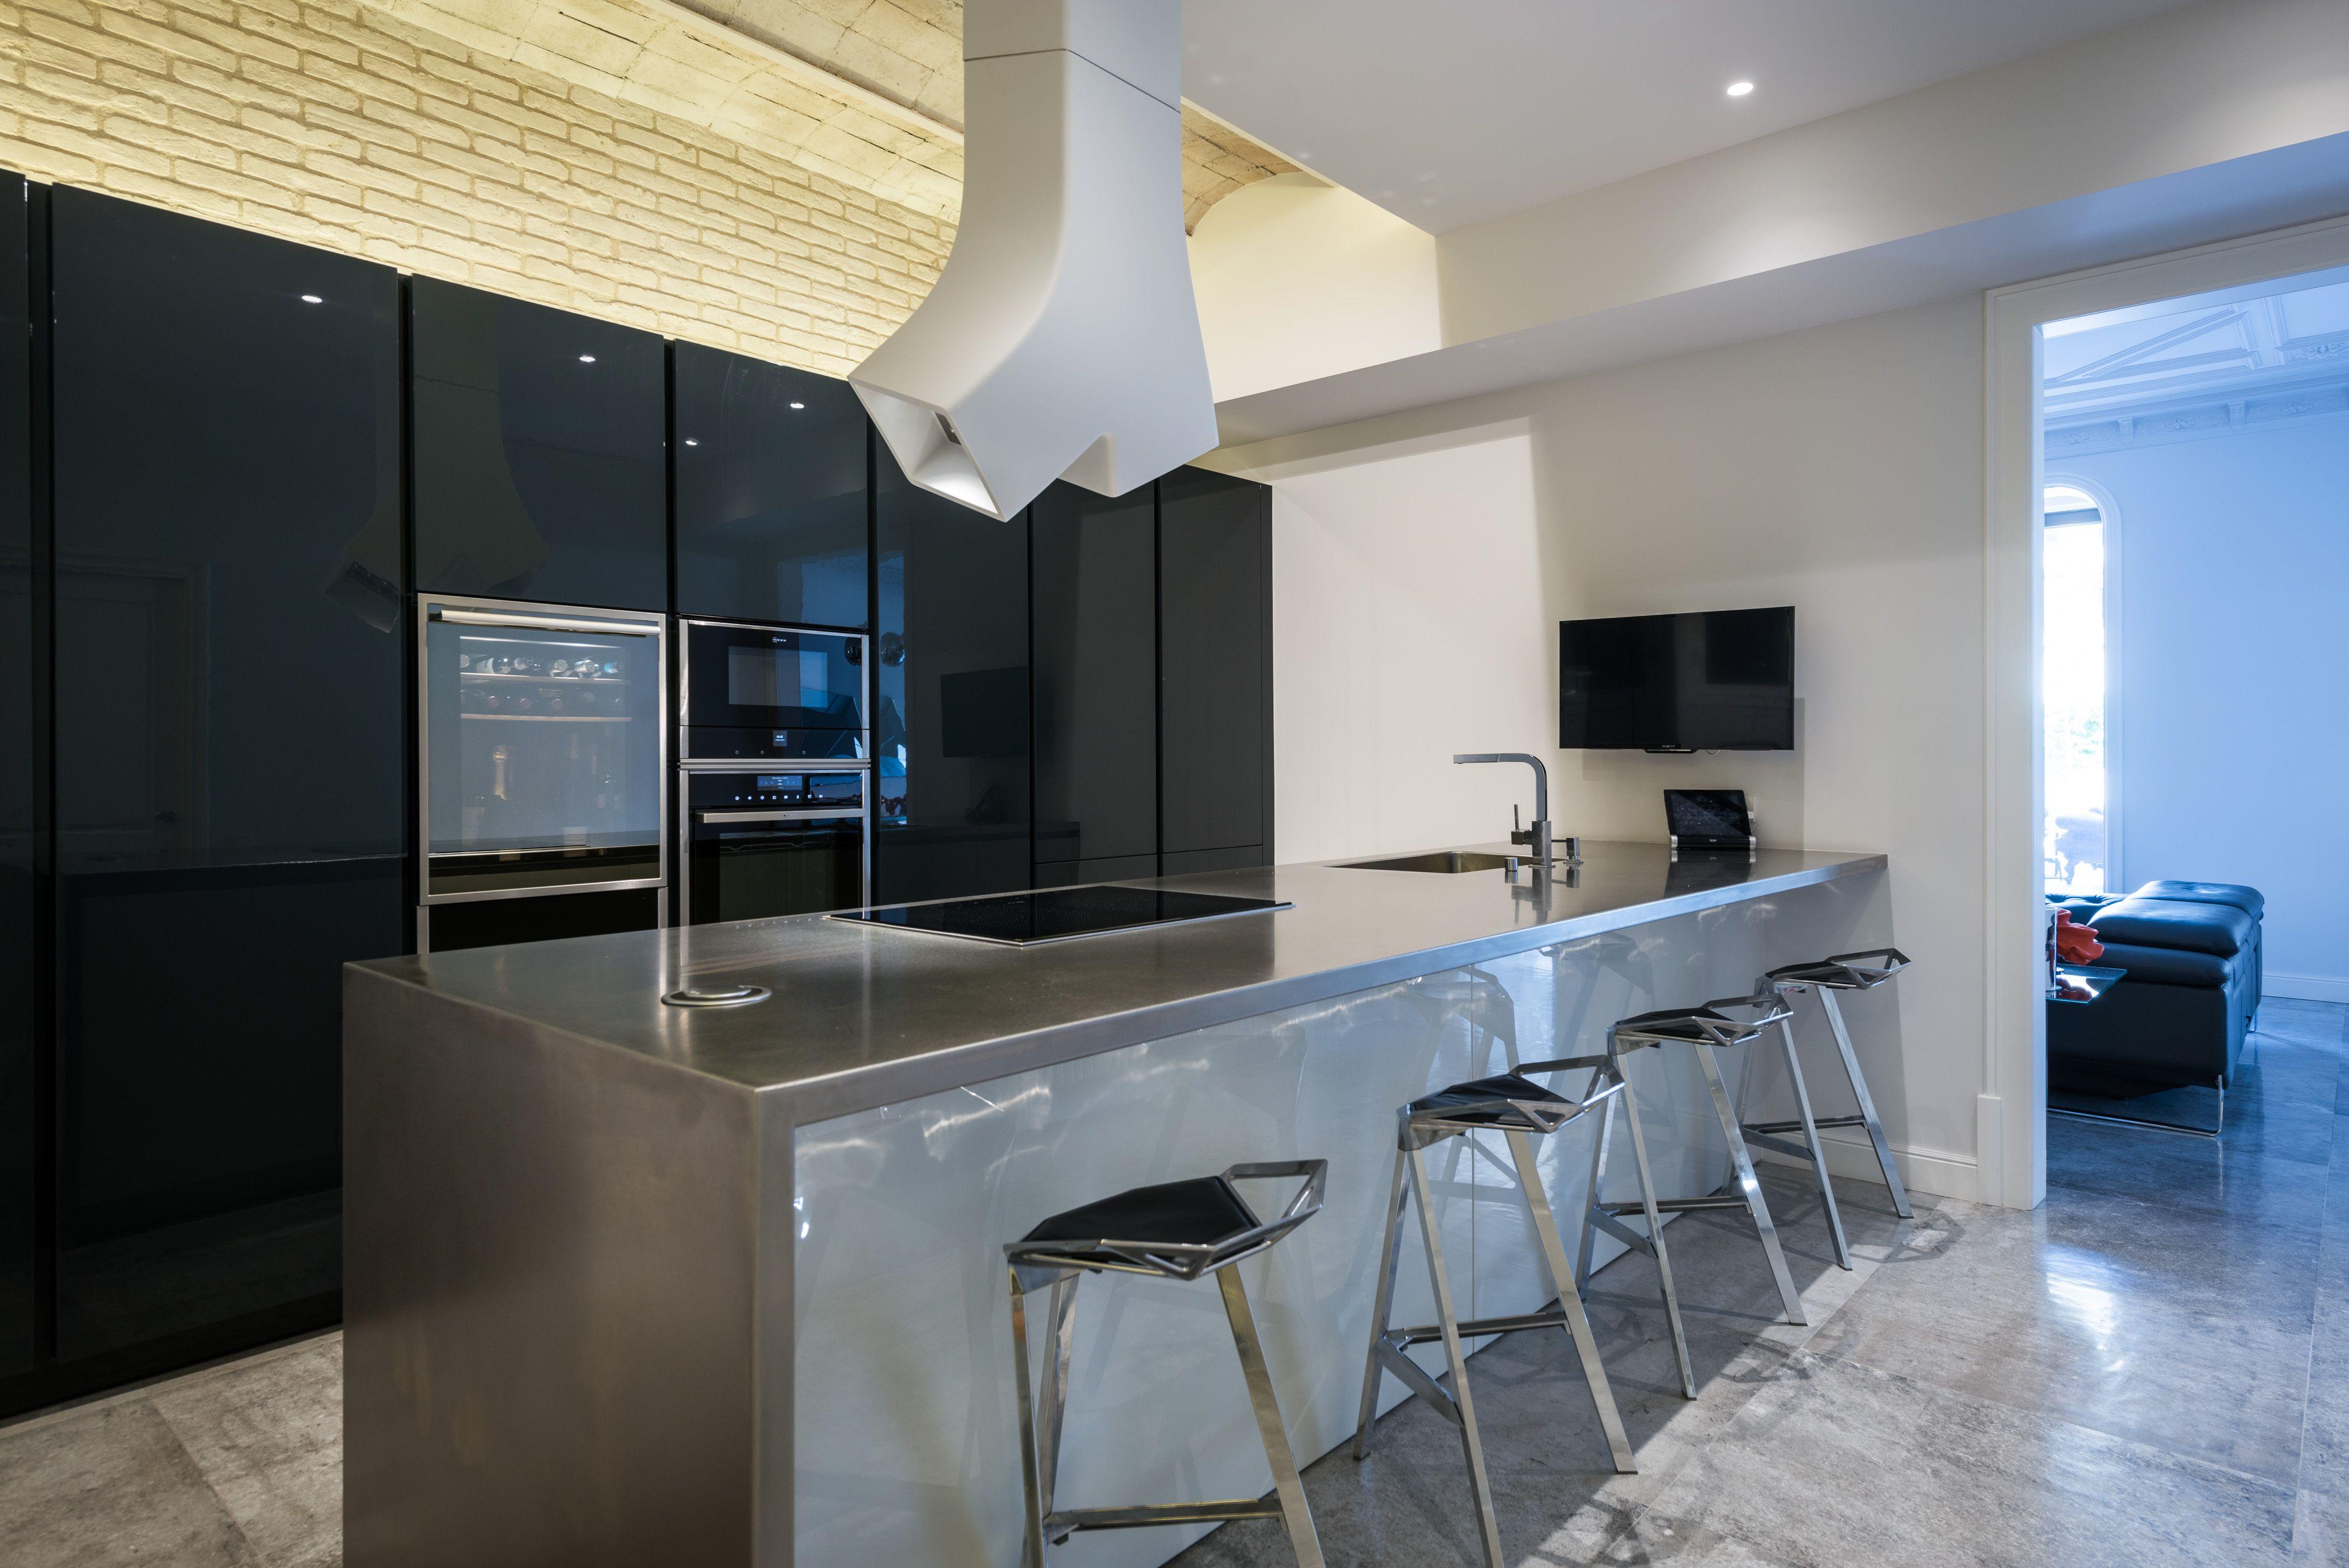 Cocina de dise o en un piso de barcelona sincro cocinas dise os kitchenstyle kitchens - Cocinas diseno barcelona ...